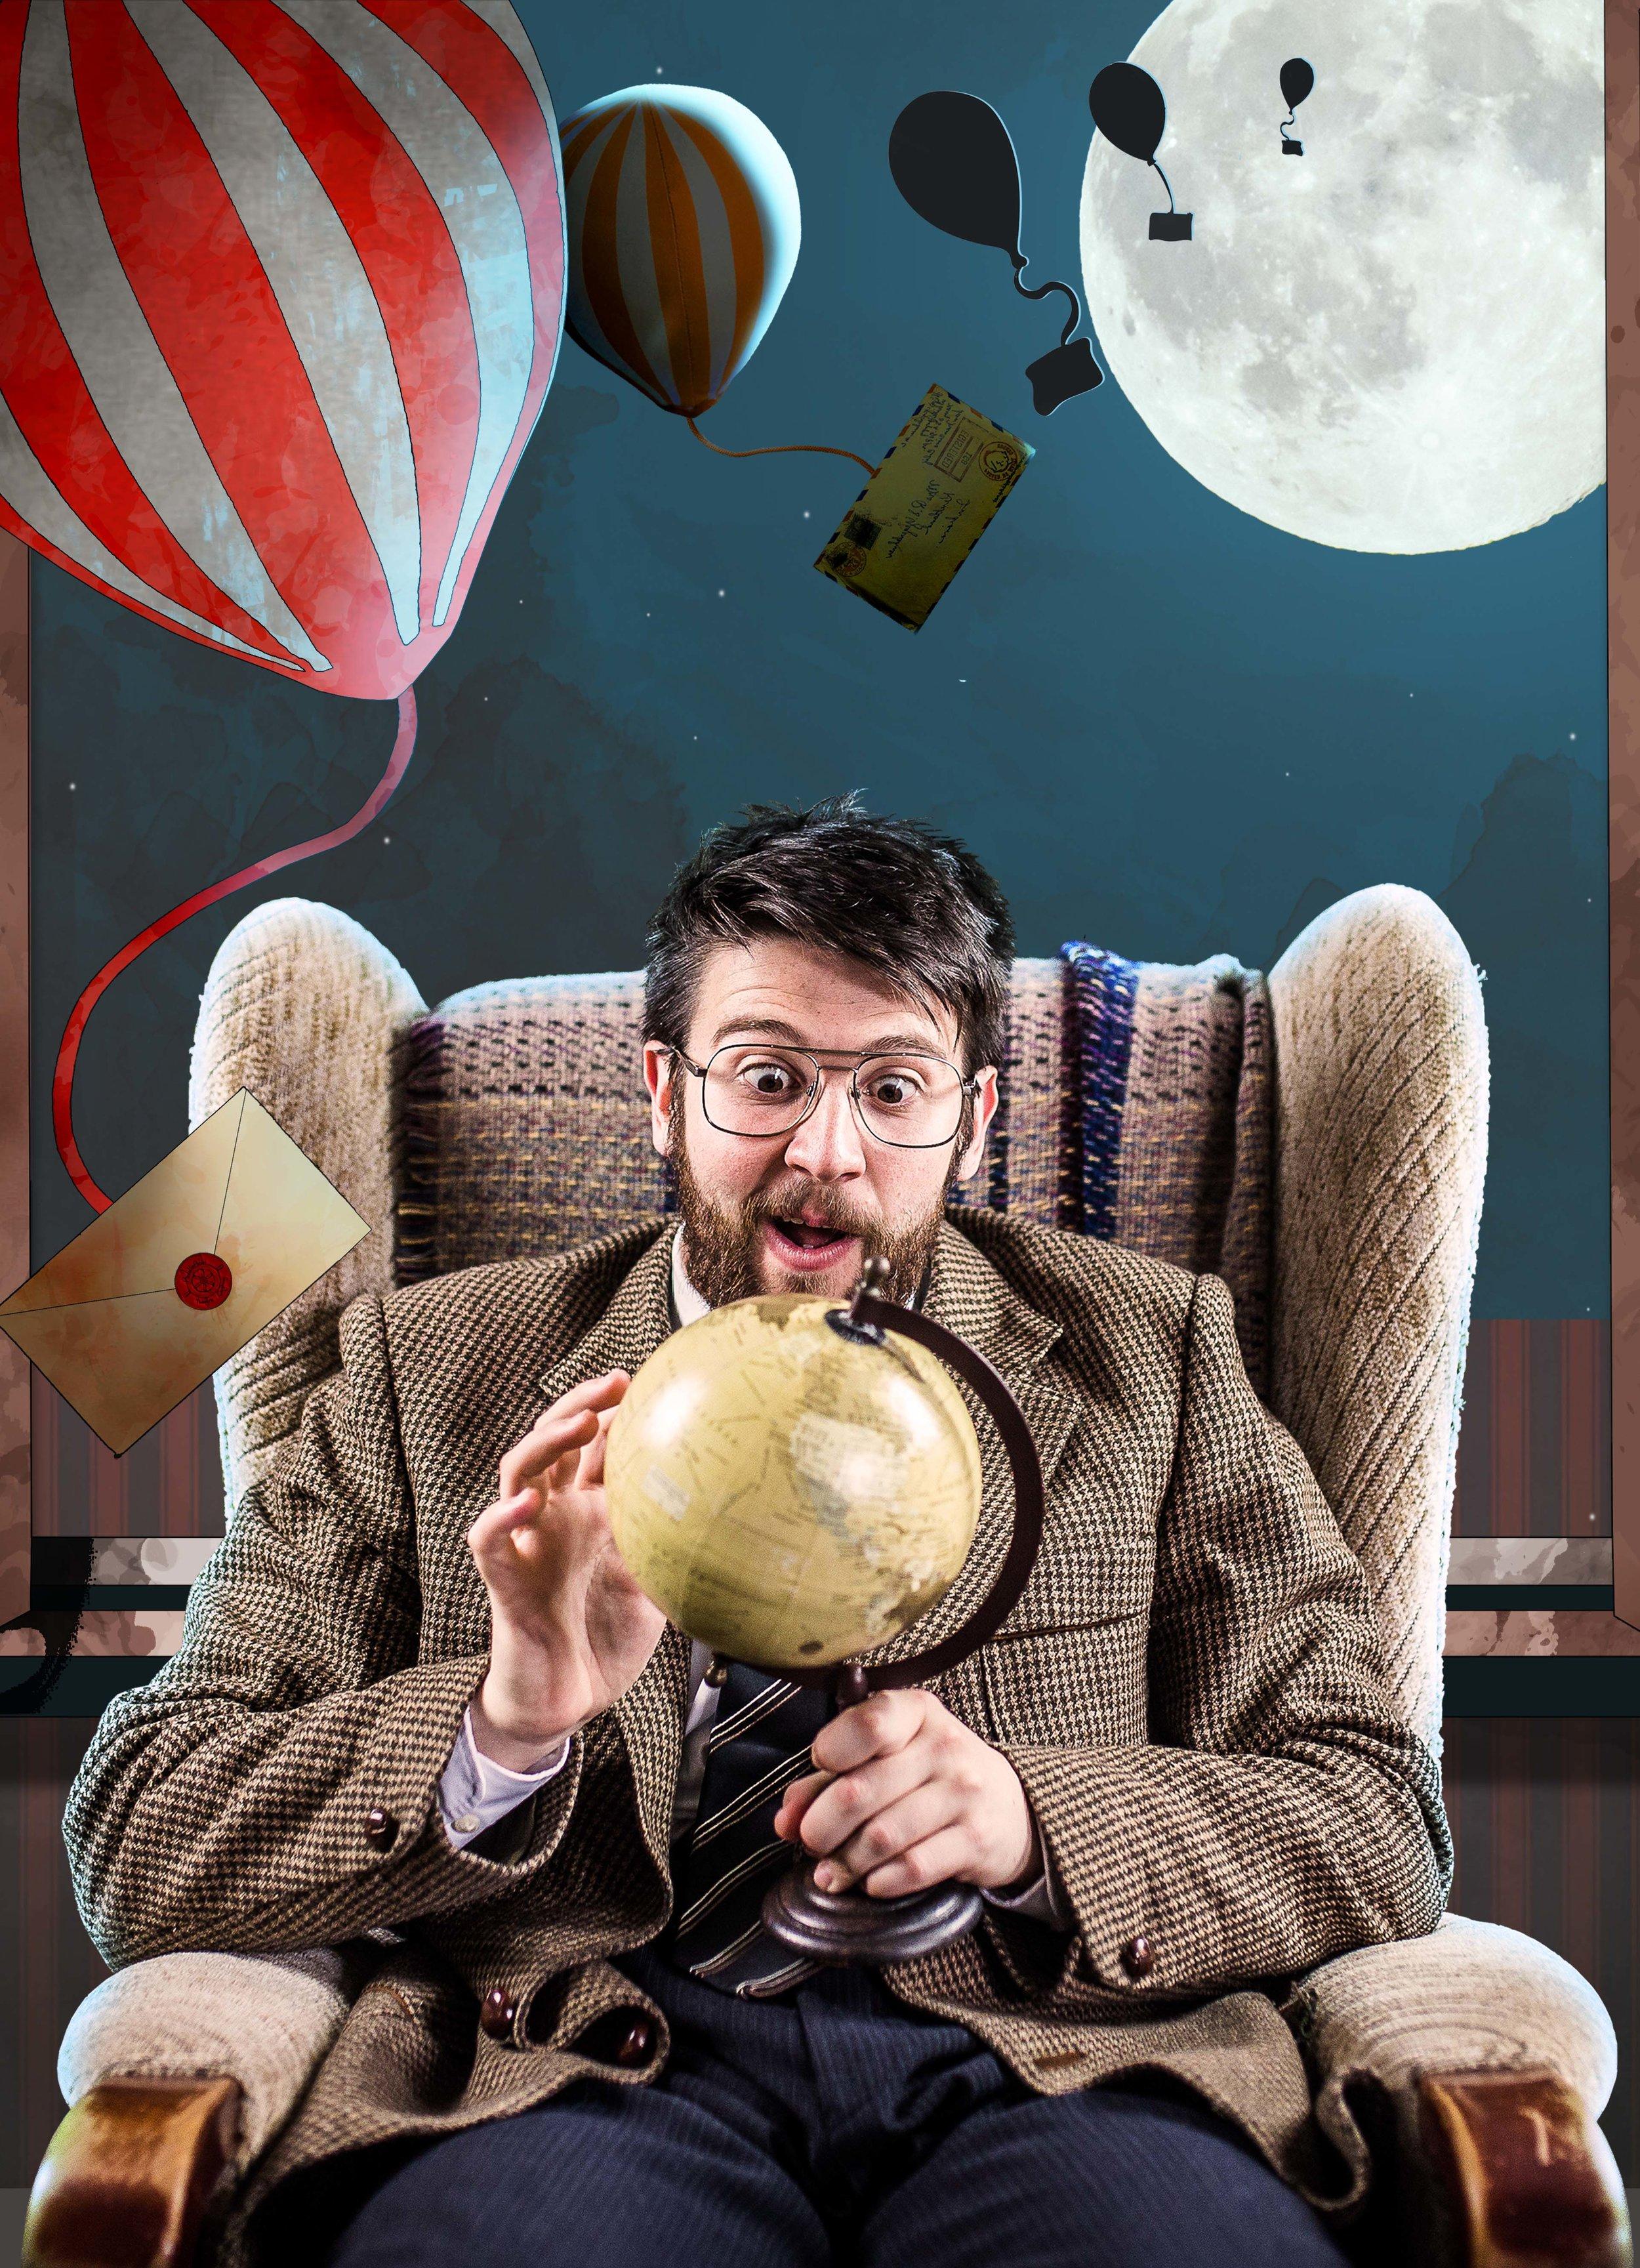 AccordingTo Arthur - Paddleboat Theatre Company